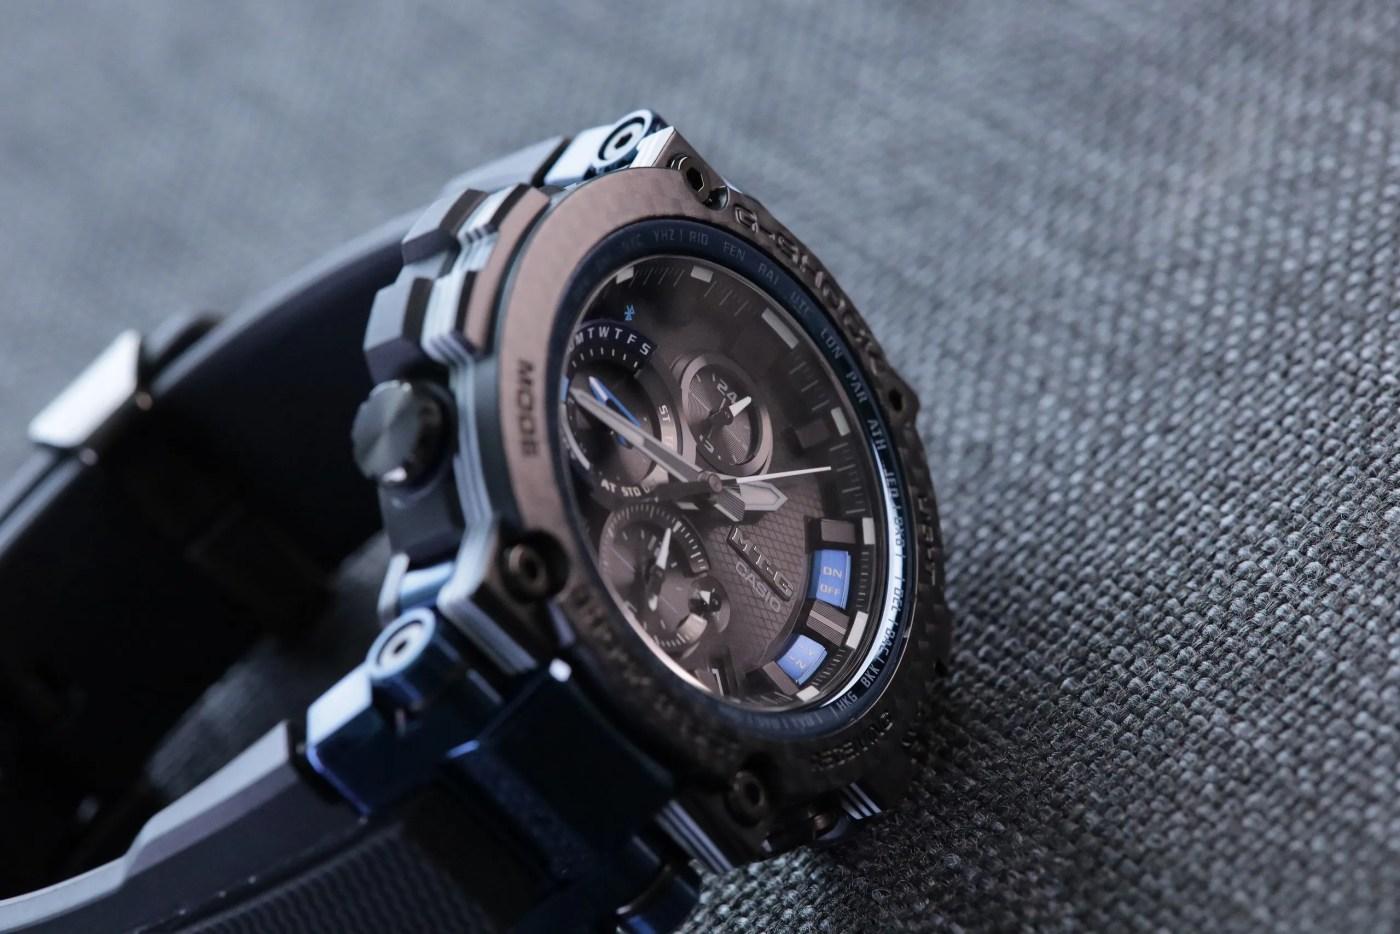 G-Shock MT-G Carbon Fiber MTGB1000XB-1A